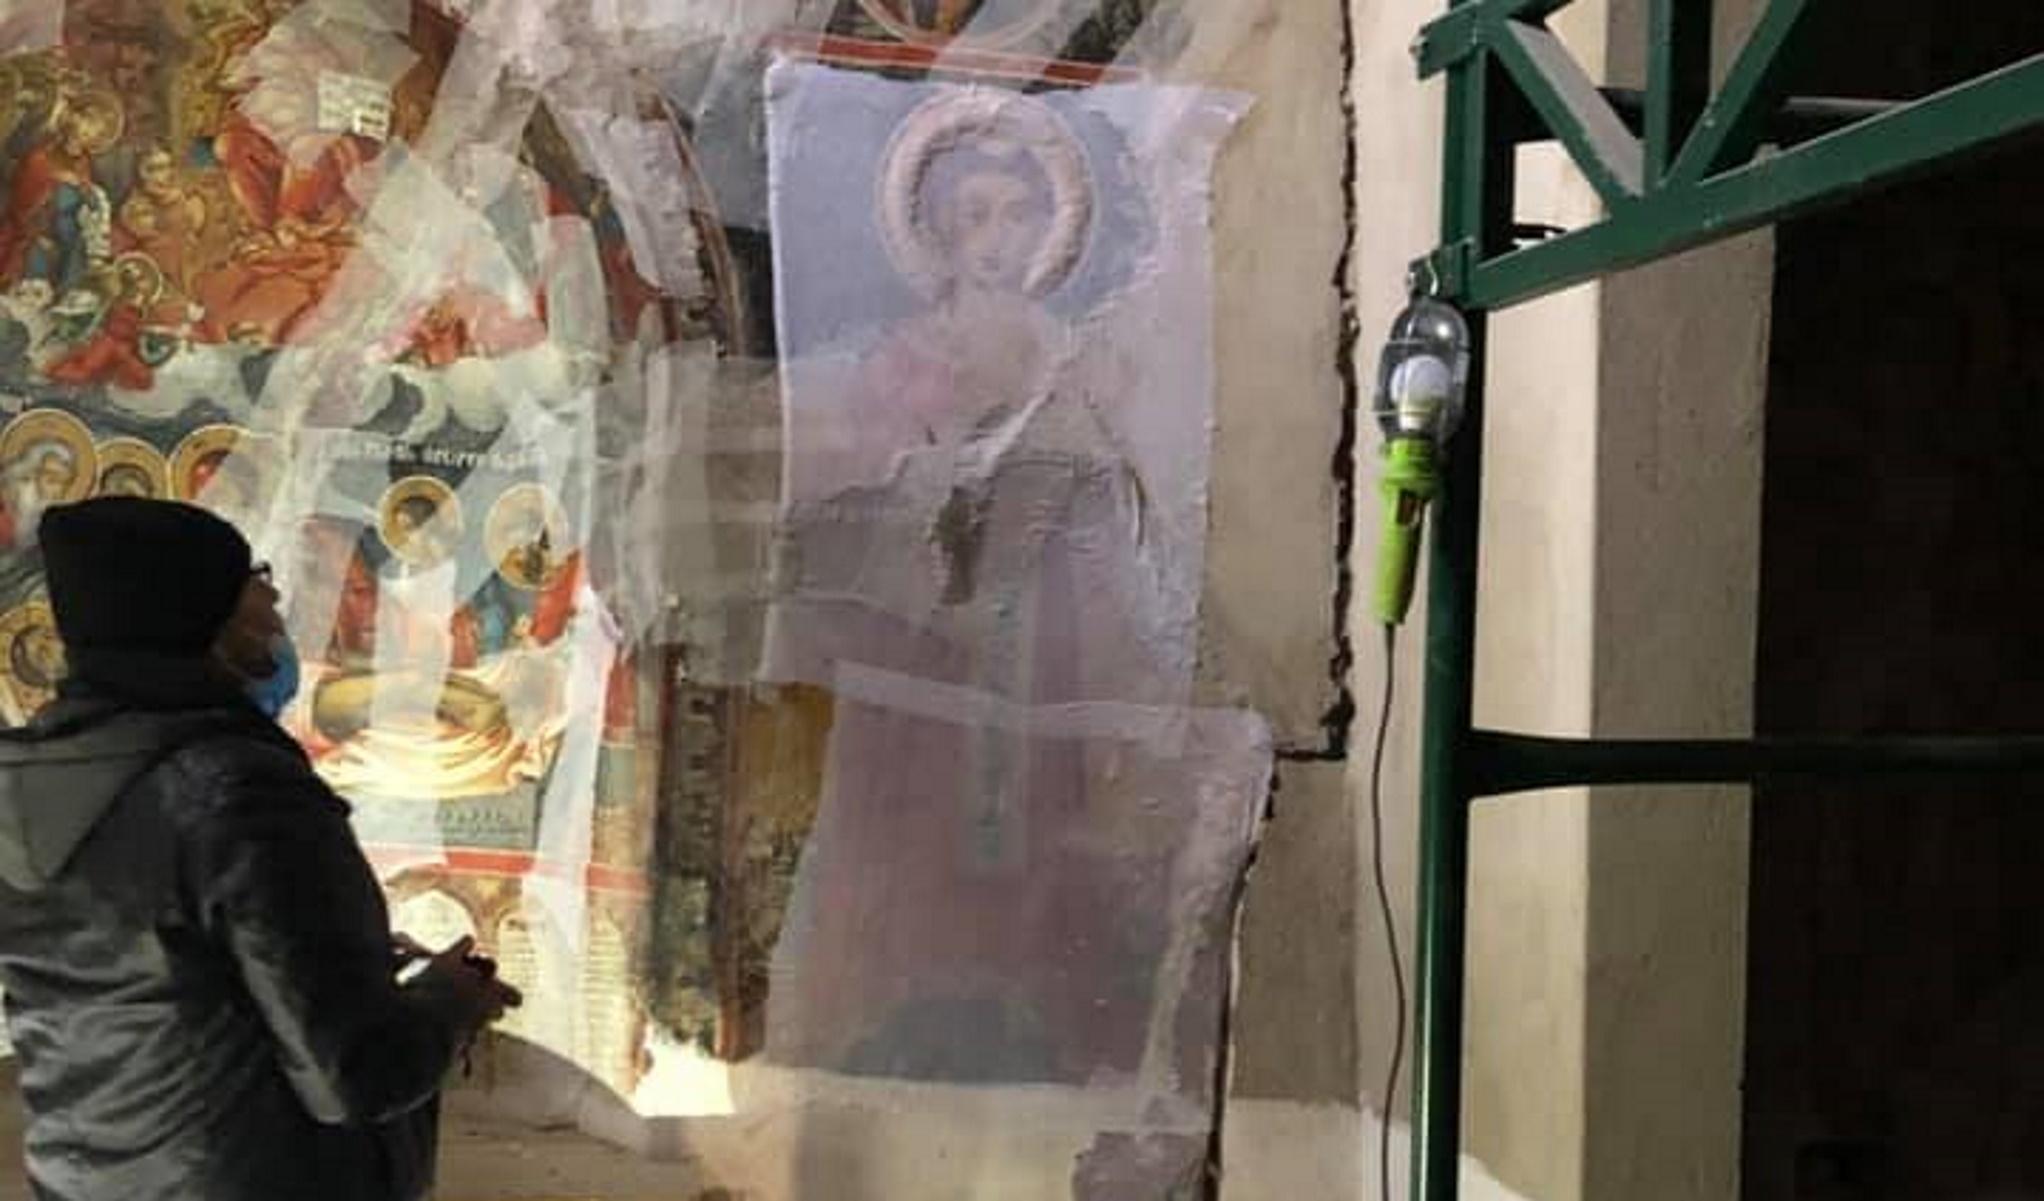 Σεισμός – Γρεβενά: Ζημιές σε εκκλησίες, σπίτια και σχολεία – Οι εικόνες που έφεραν τα 4,3 Ρίχτερ (pics)